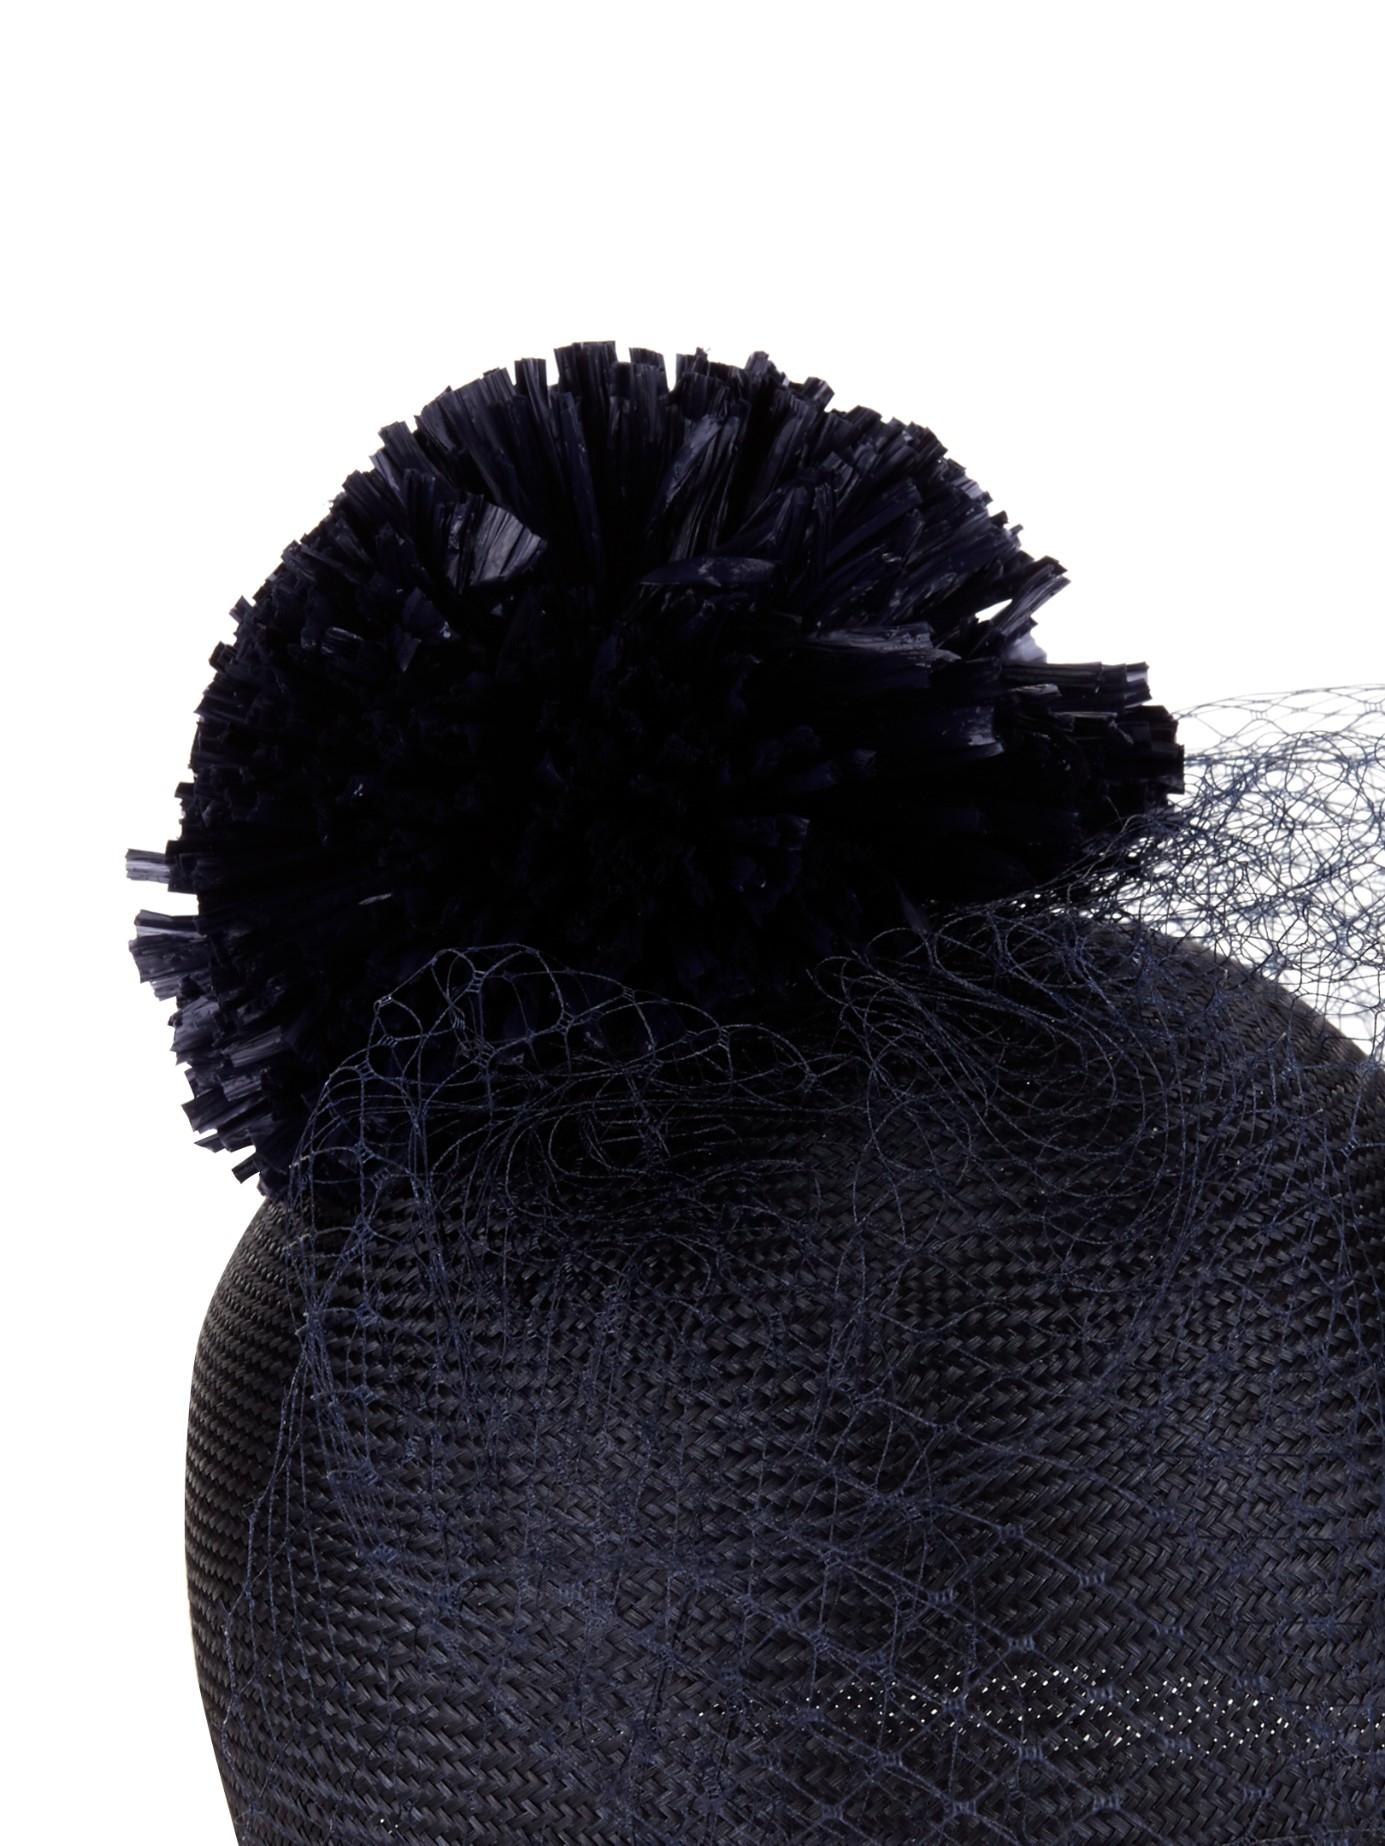 Lyst - Federica Moretti Cap in Black a02bbb355ad4